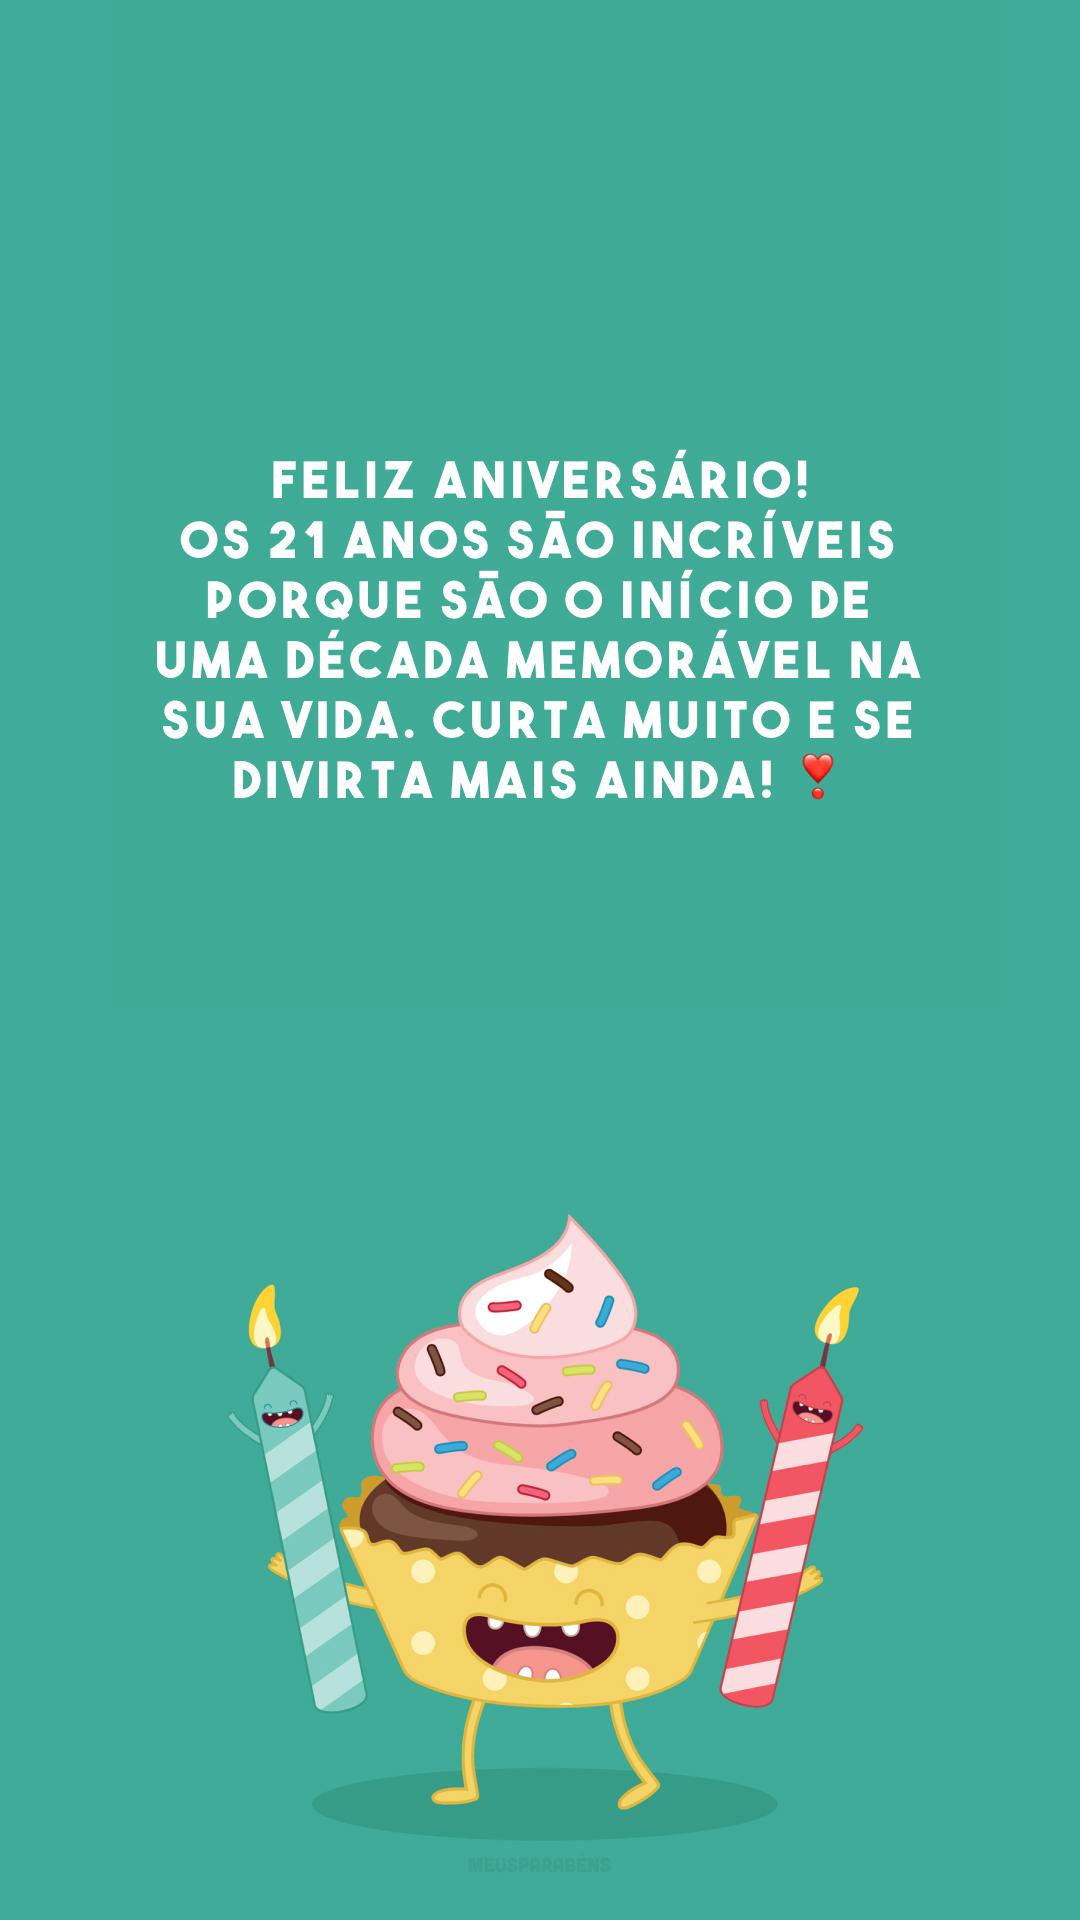 Feliz aniversário! Os 21 anos são incríveis porque são o início de uma década memorável na sua vida. Curta muito e se divirta mais ainda! ❣️